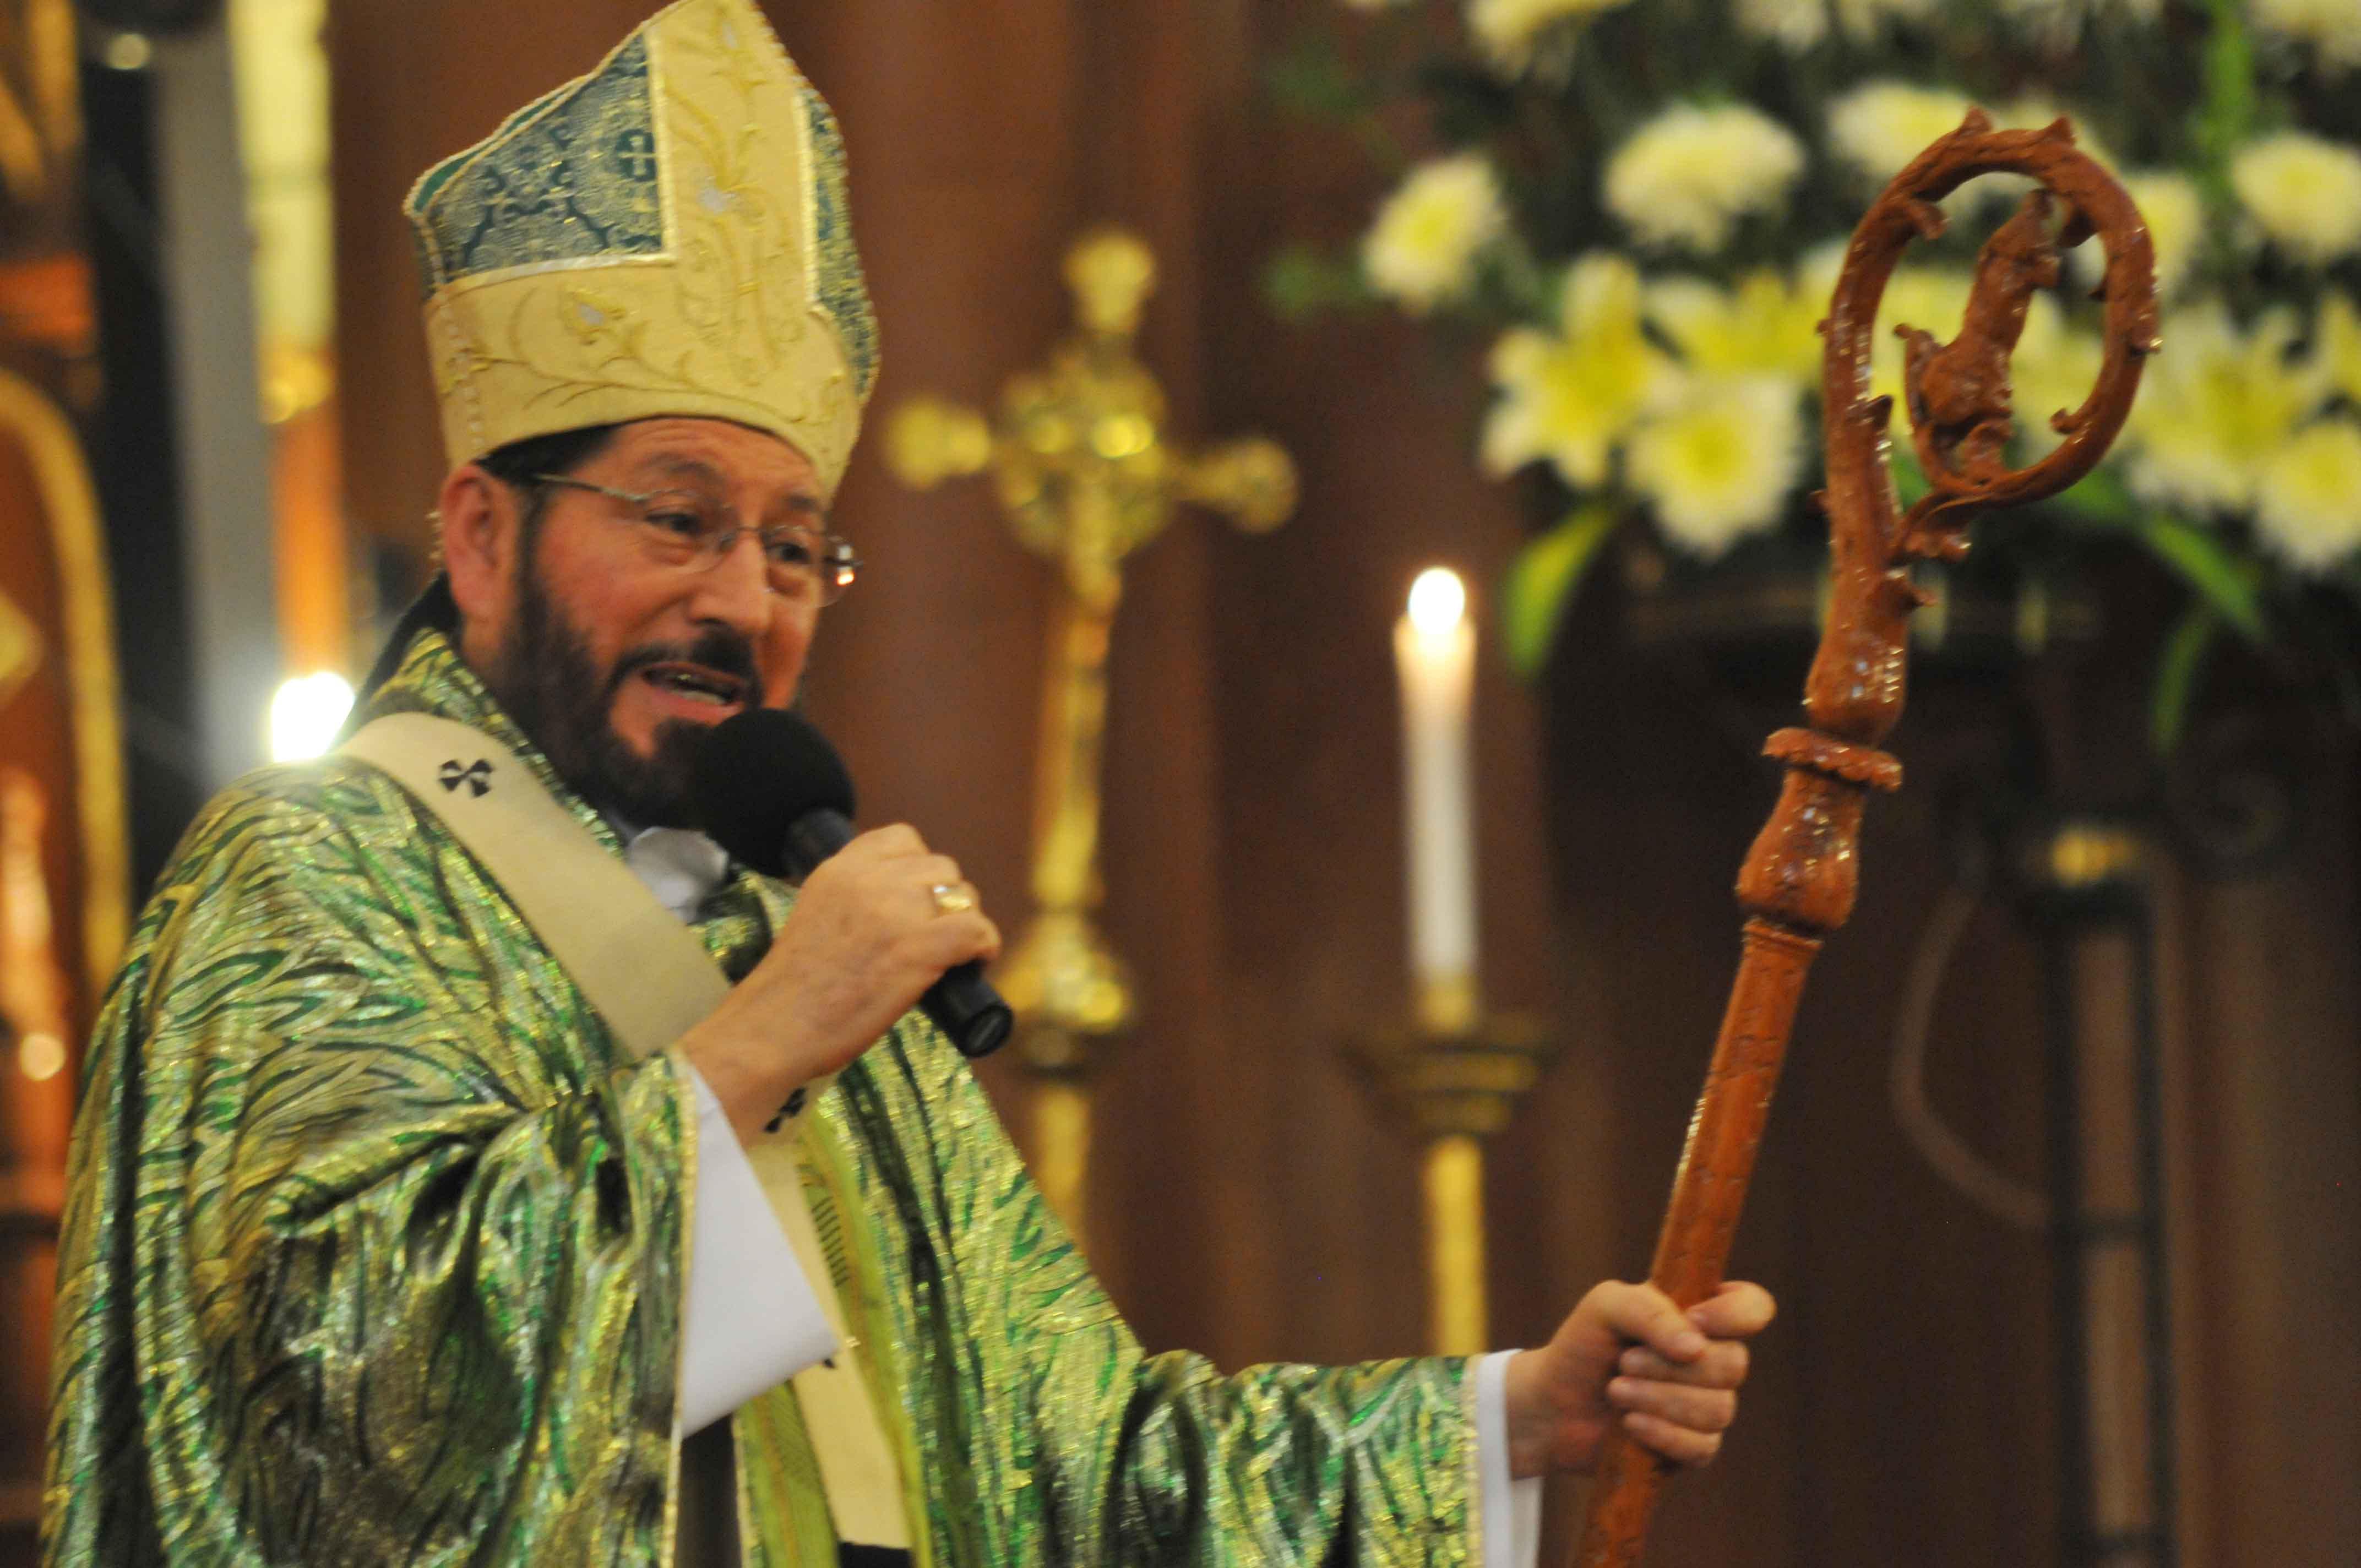 Arzobispo invita a católicos salir a votar;elegir acorde a los valores de la Iglesia